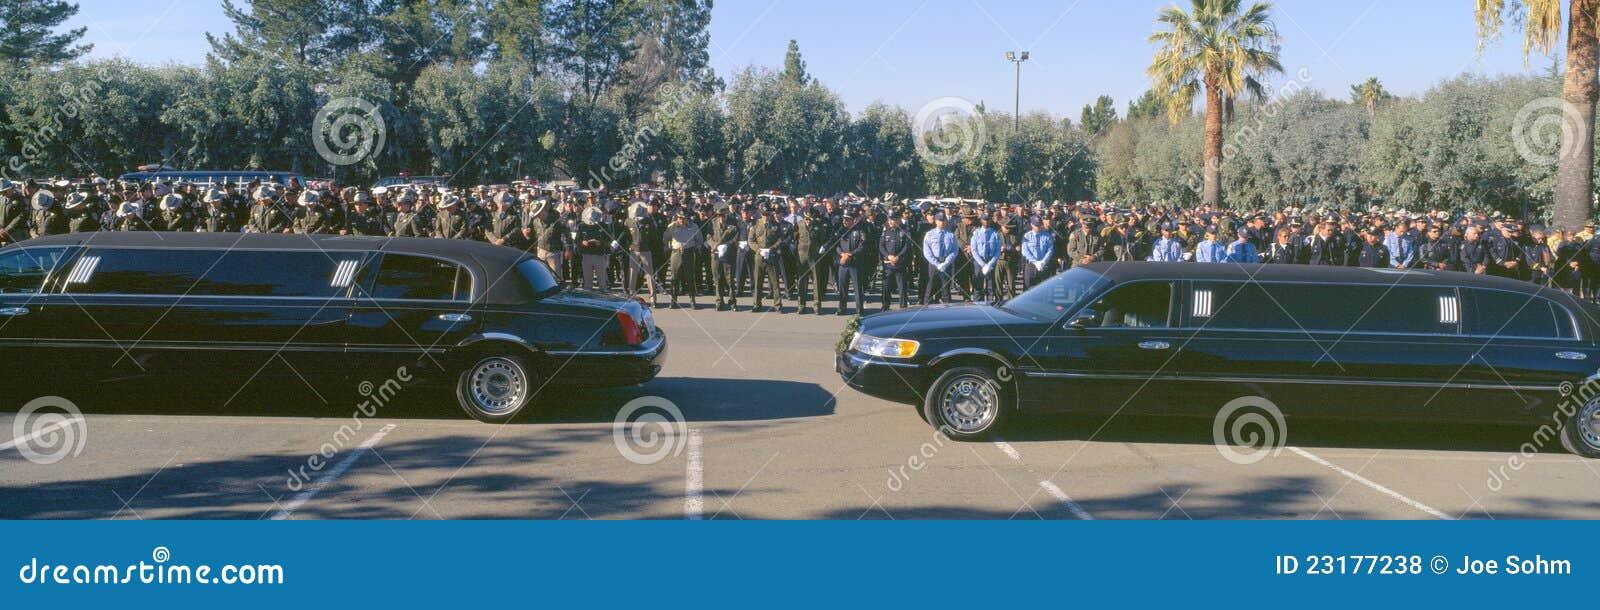 Beerdingungsfeier für Polizeibeamten,